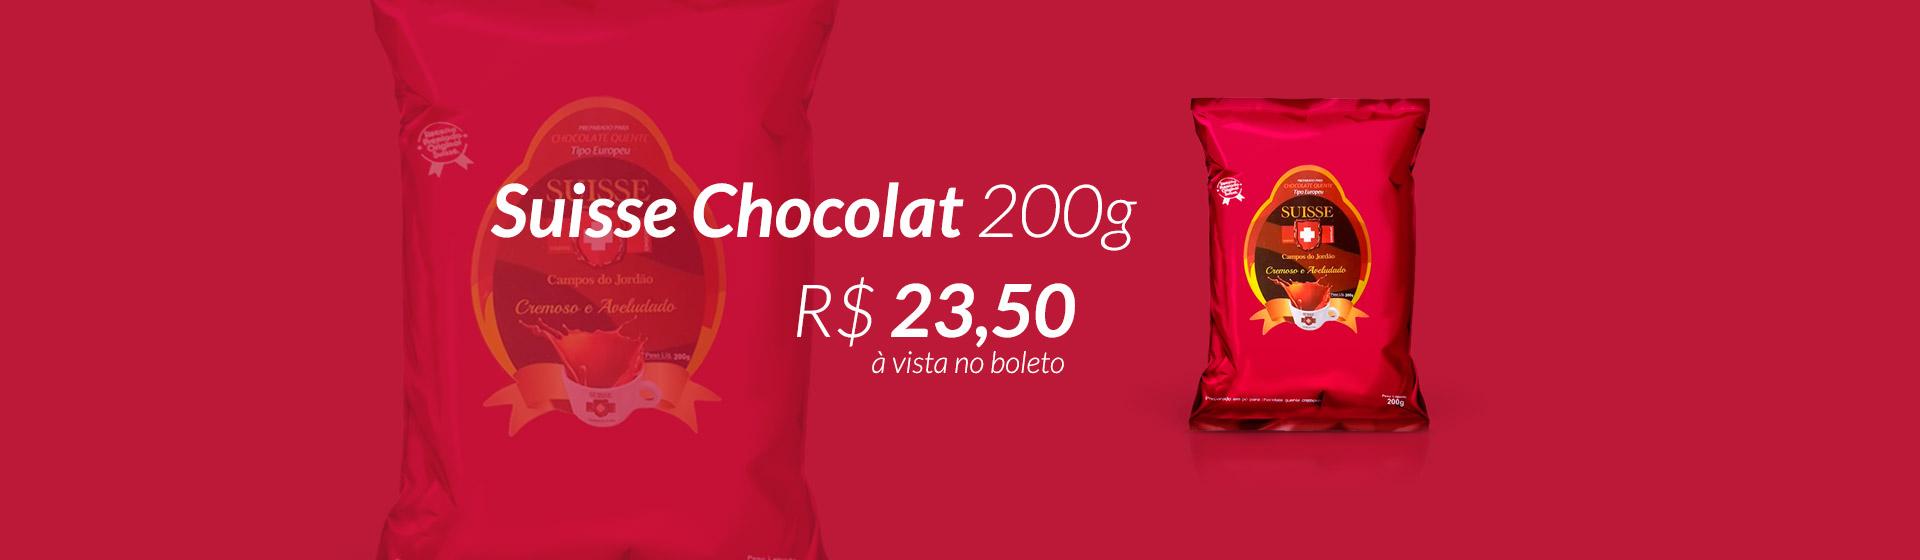 Suisse Chocolat